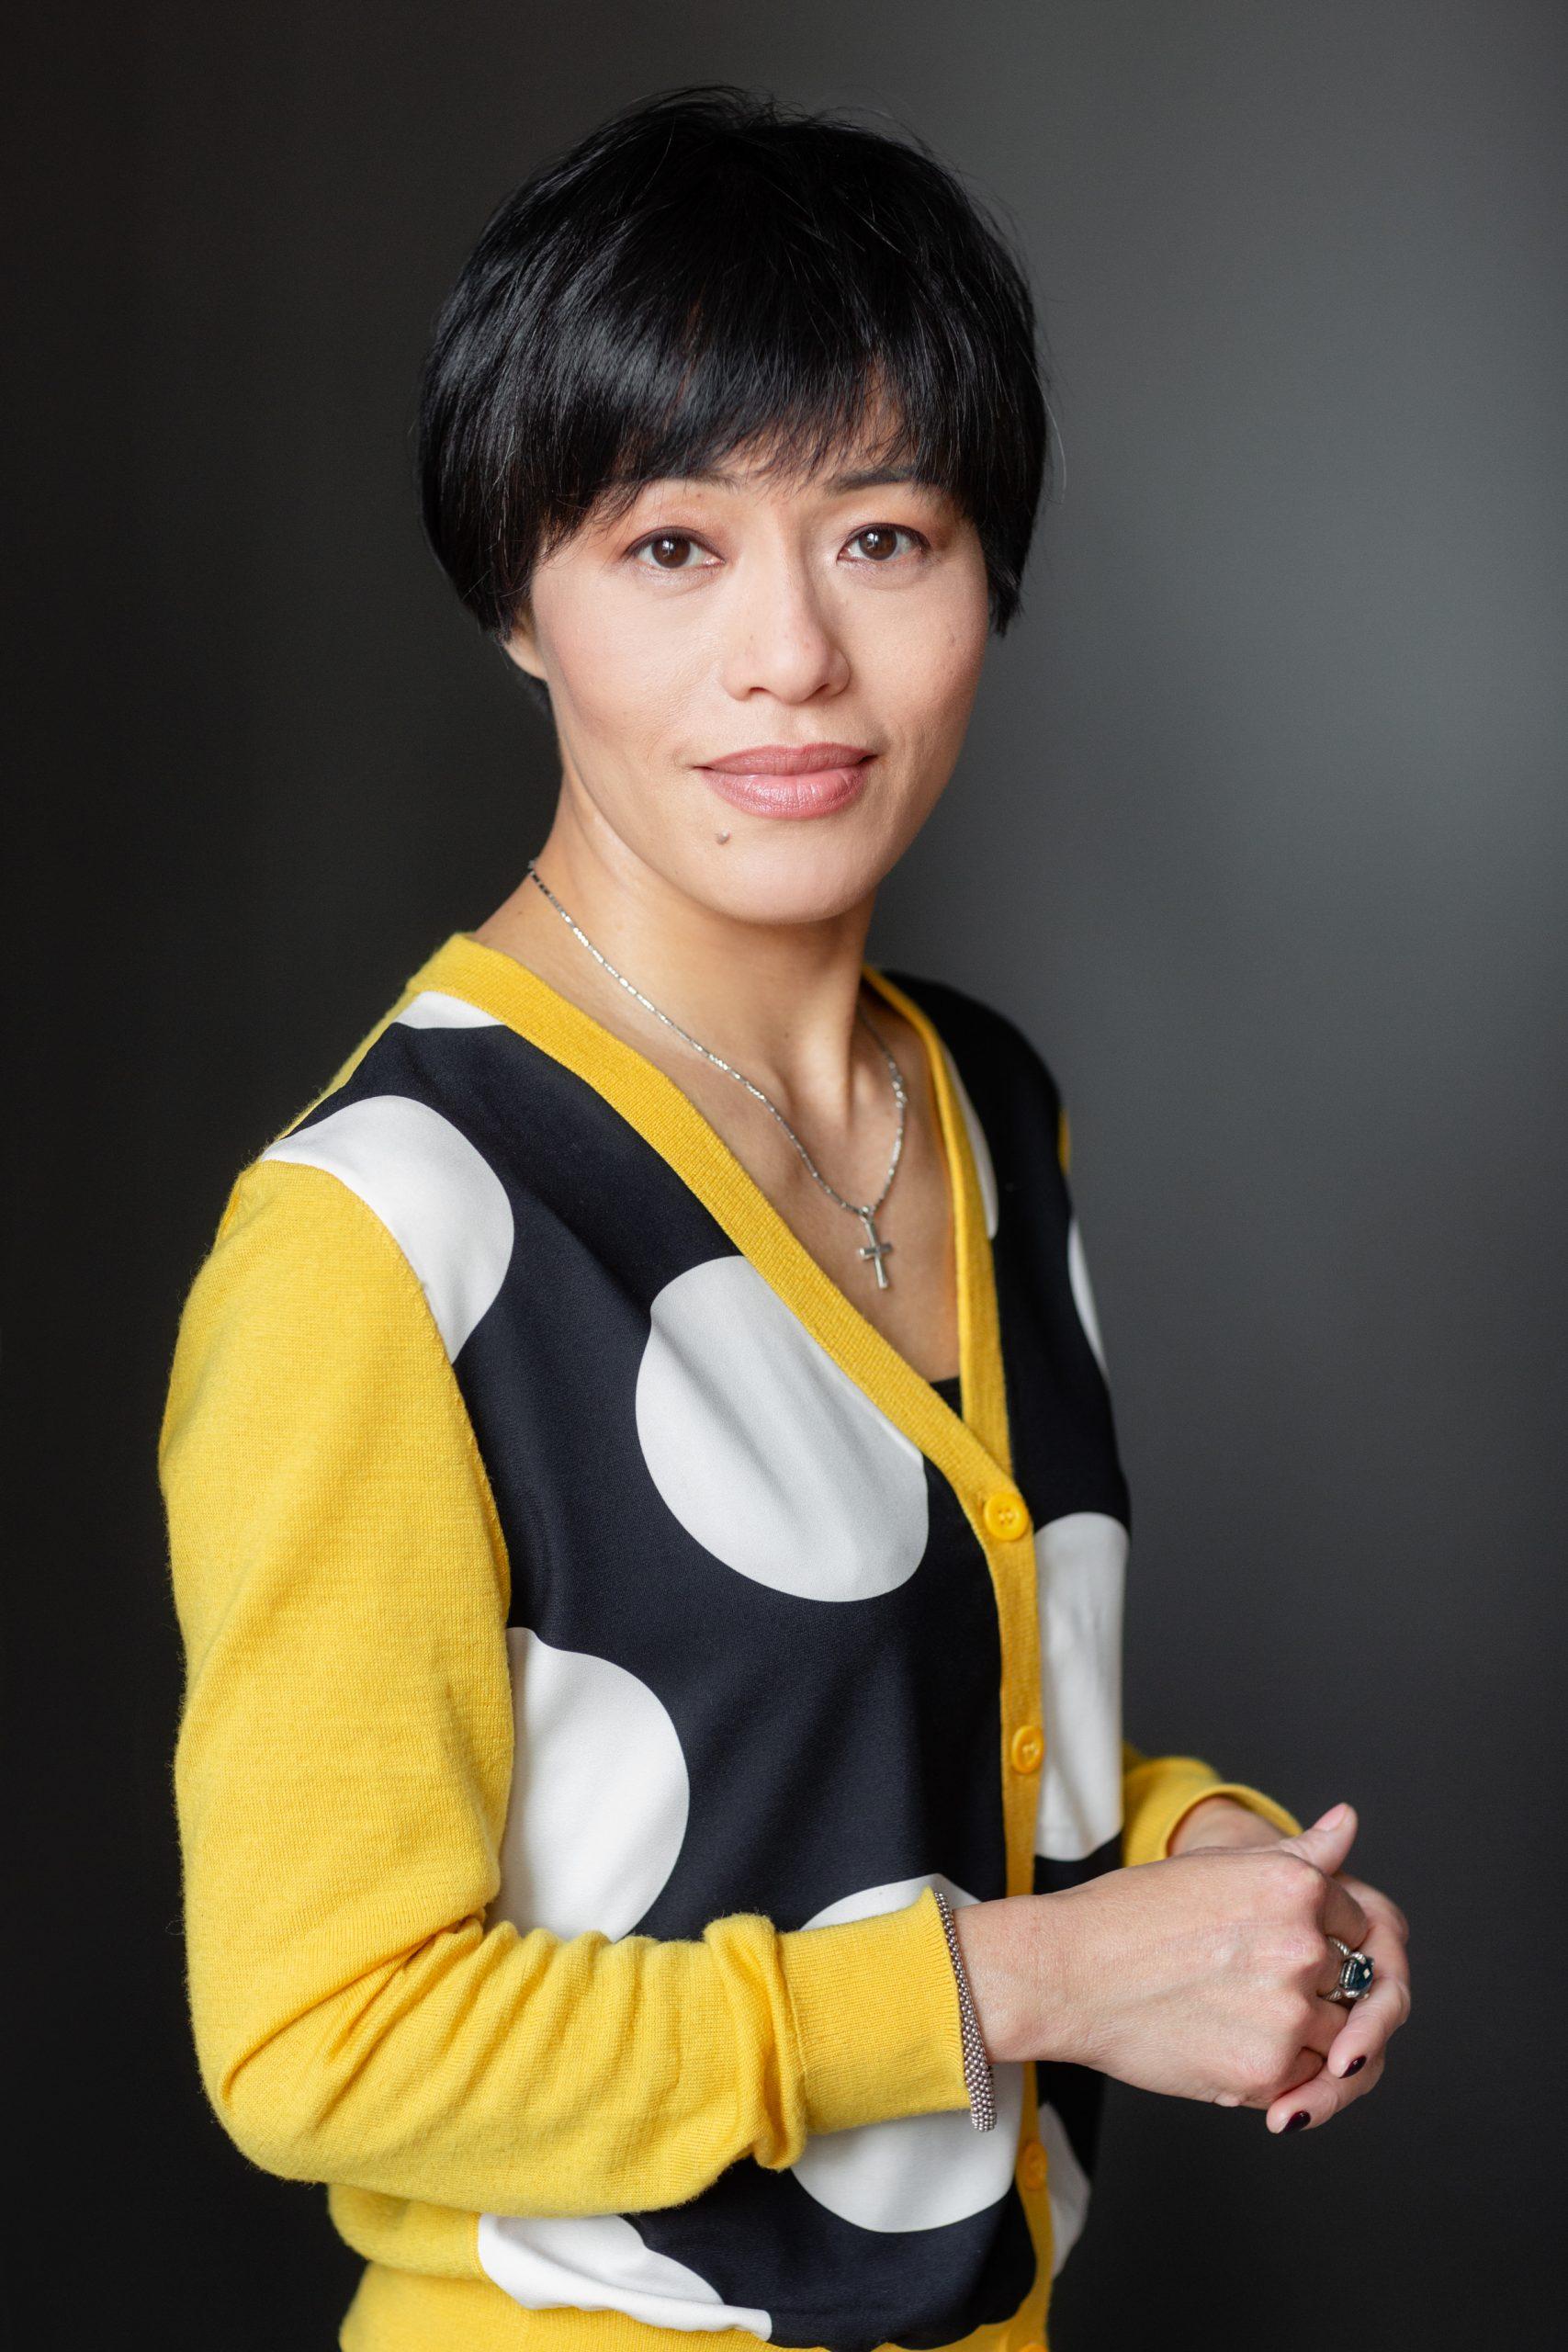 Studio portrait of woman in spotty jumper